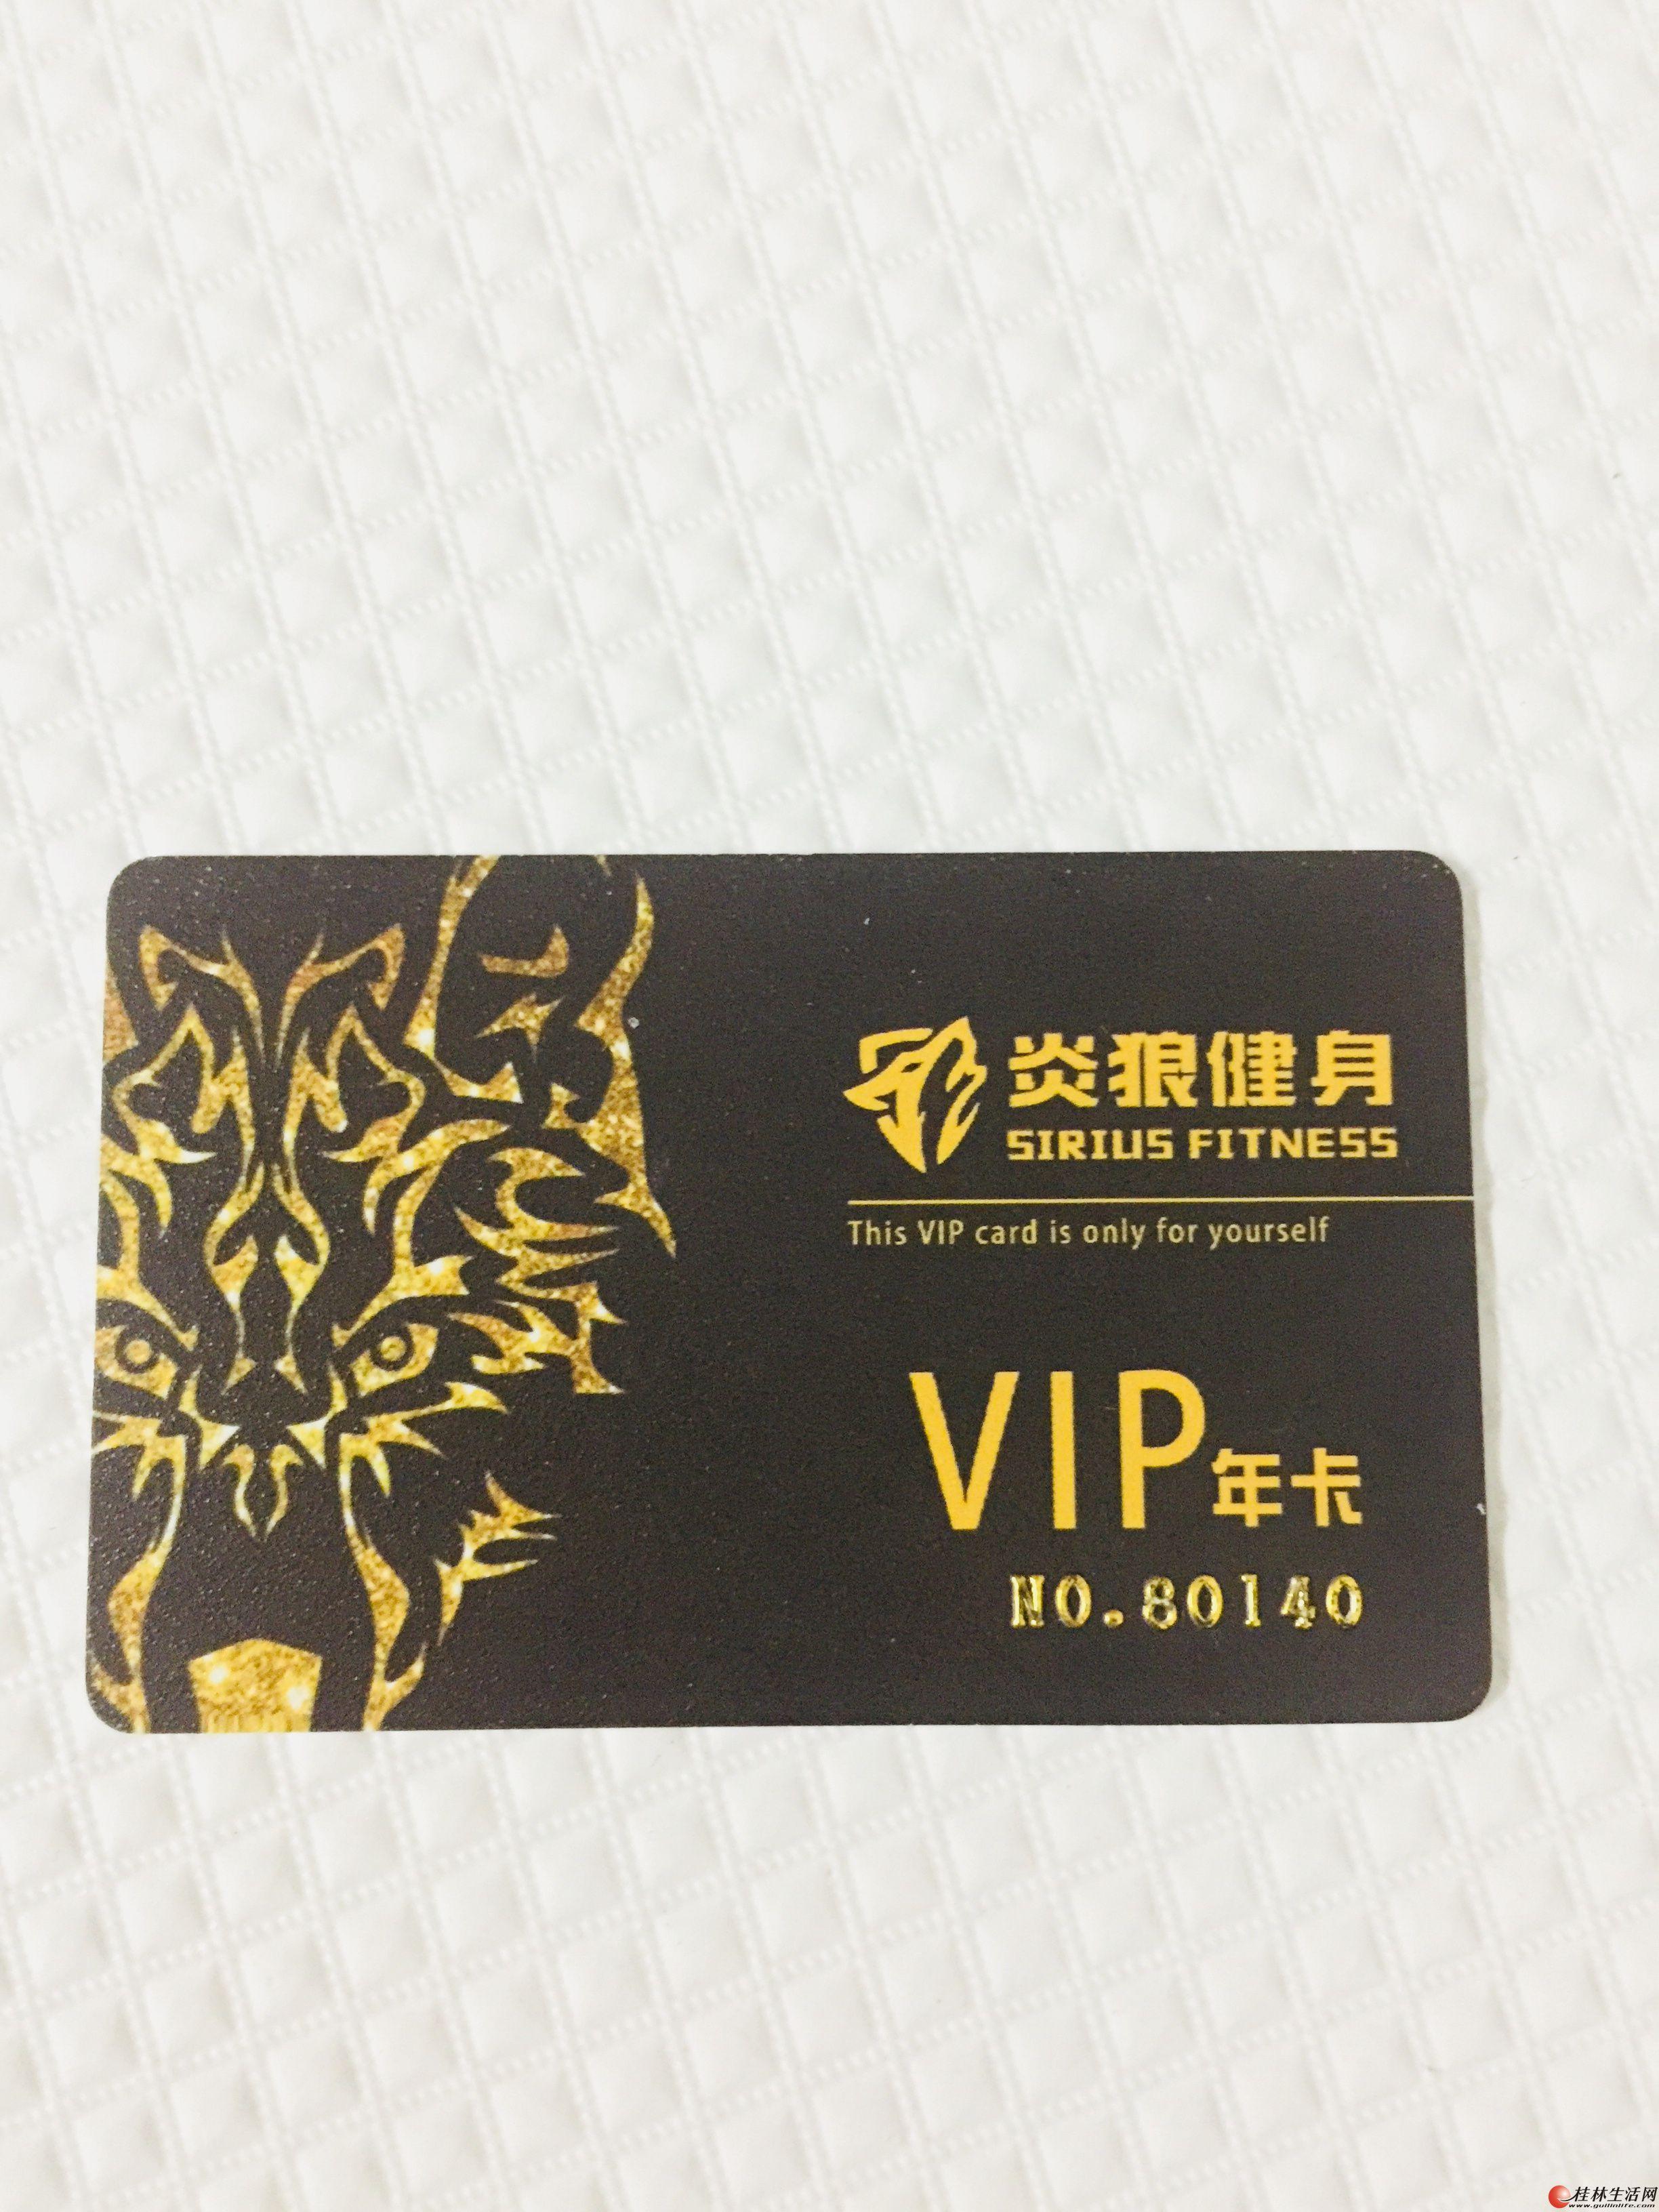 转让:炎狼健身卡,年卡,1000元一张(原价1980),叠彩万达广场四楼